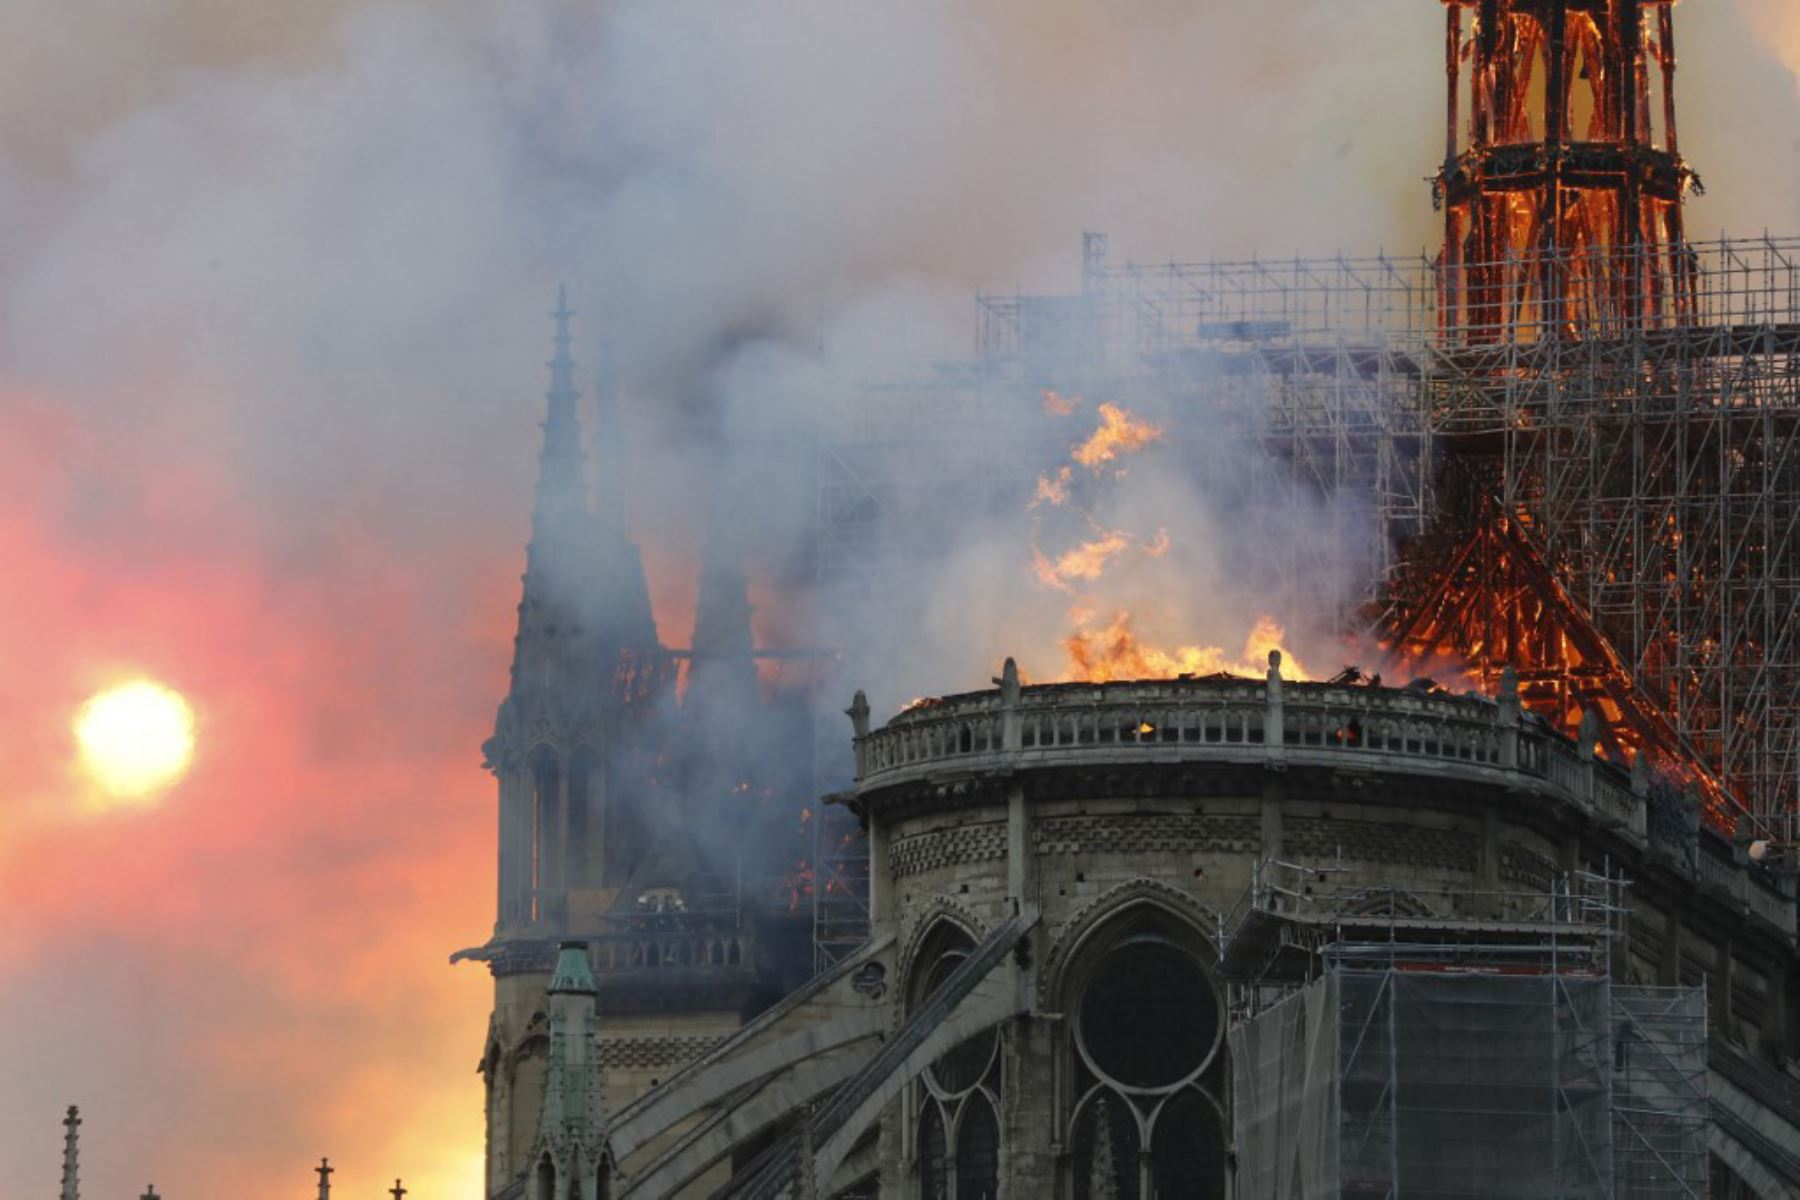 Vista desde el otro lado del río Sena, el humo y las llamas se elevan durante un incendio en la histórica catedral de Notre-Dame en el centro de París.  Foto: AFP